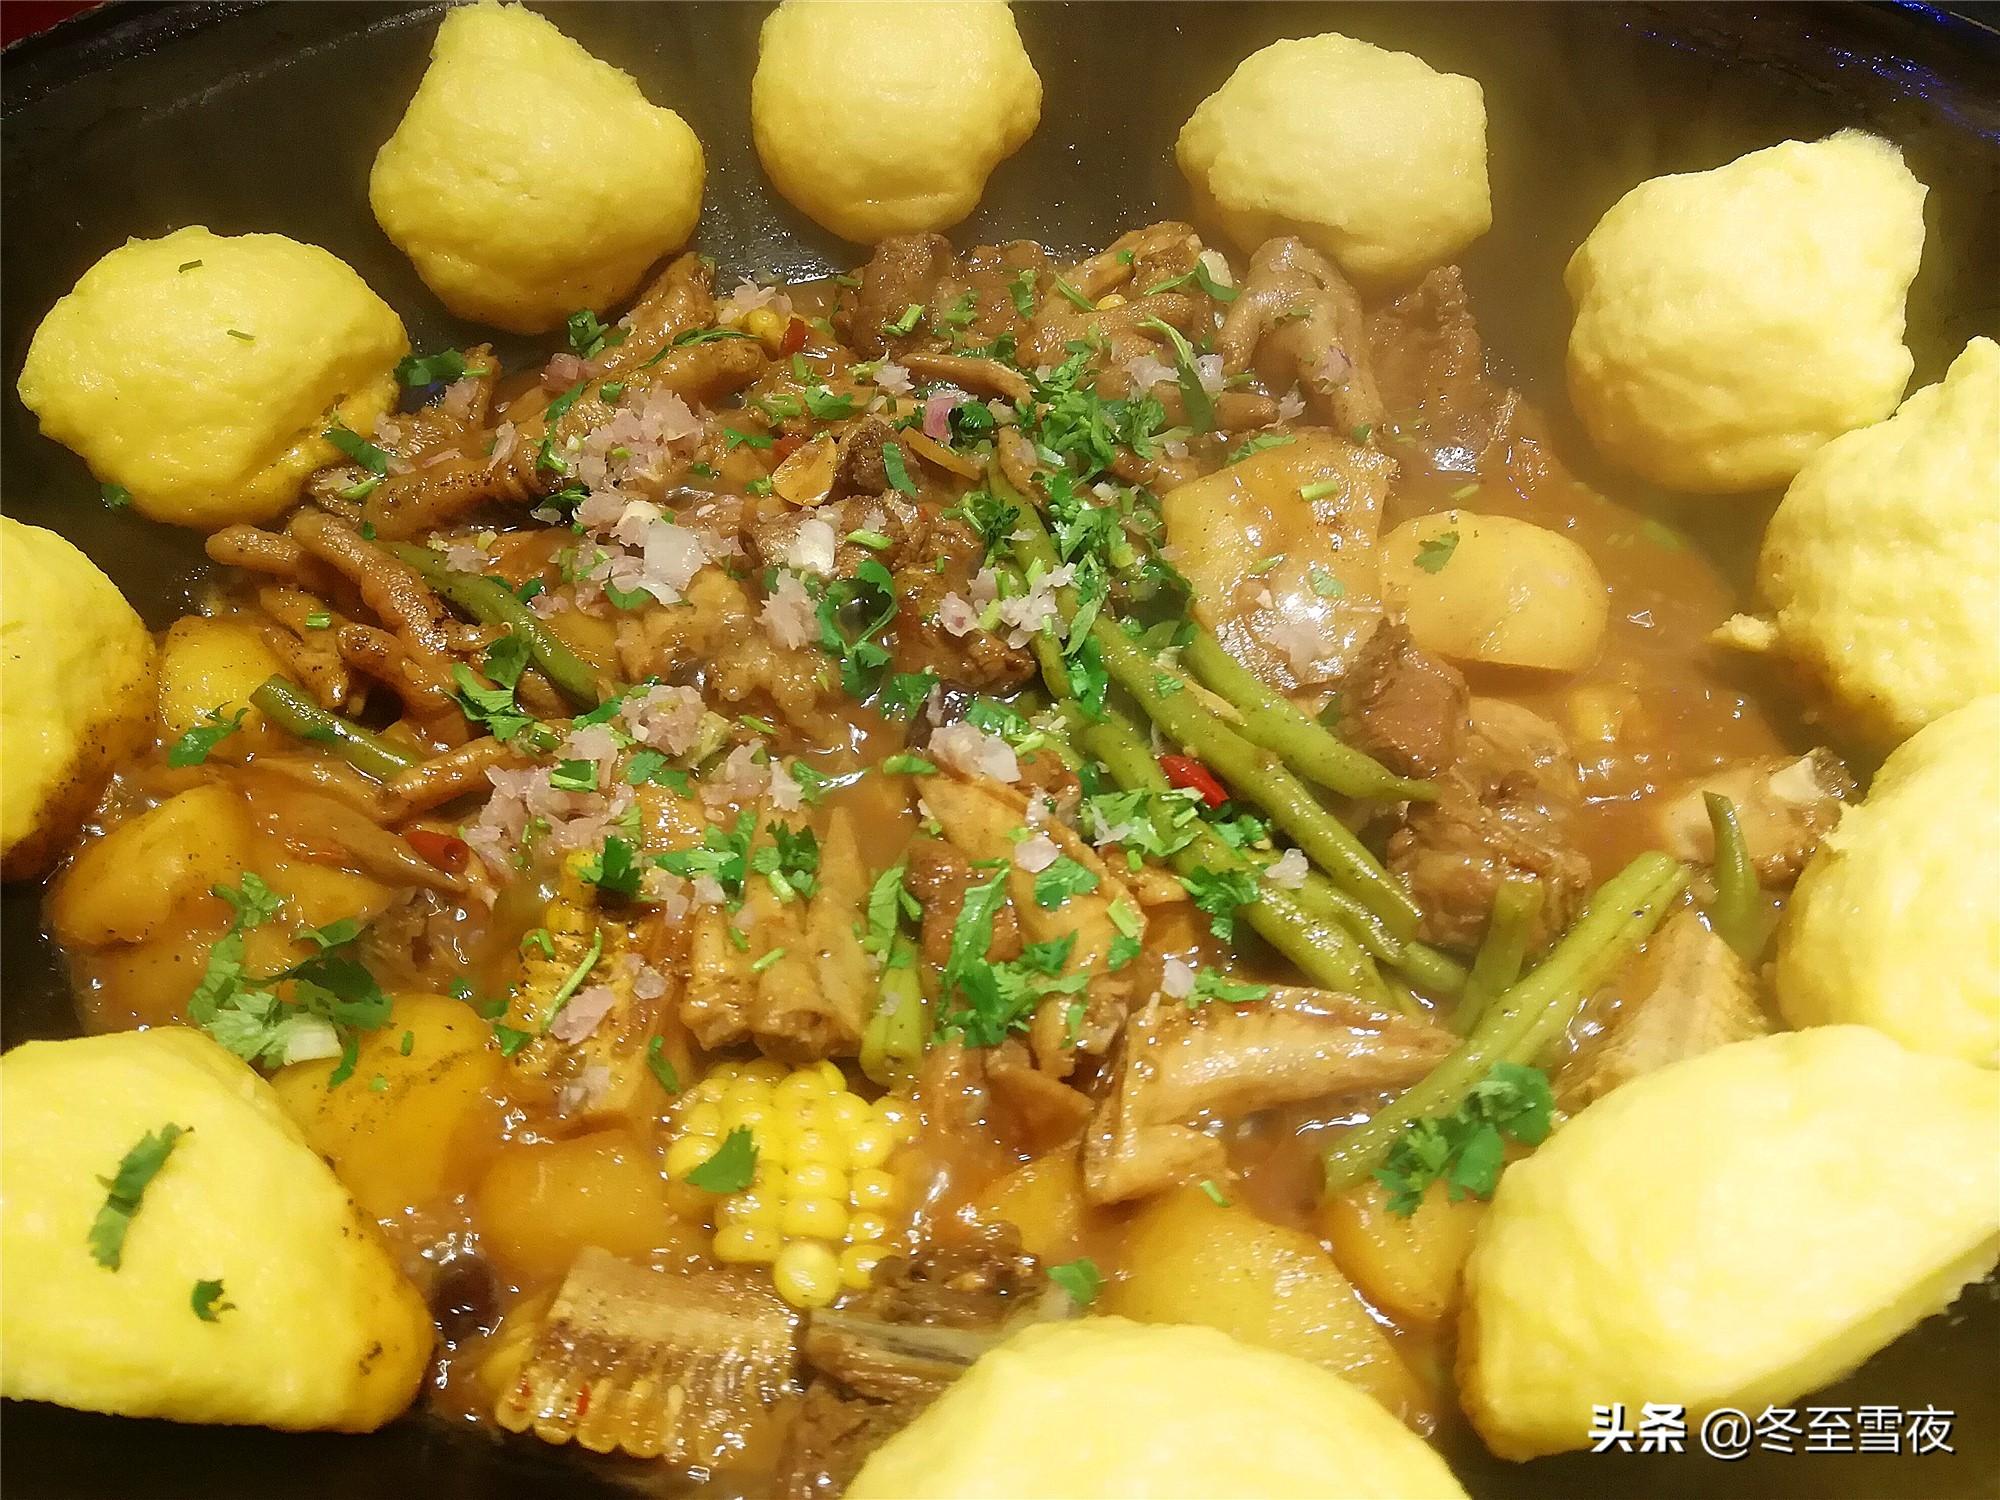 23道东北家常菜,吃了几十年都不腻,东北人都不一定全吃过 东北菜谱 第17张